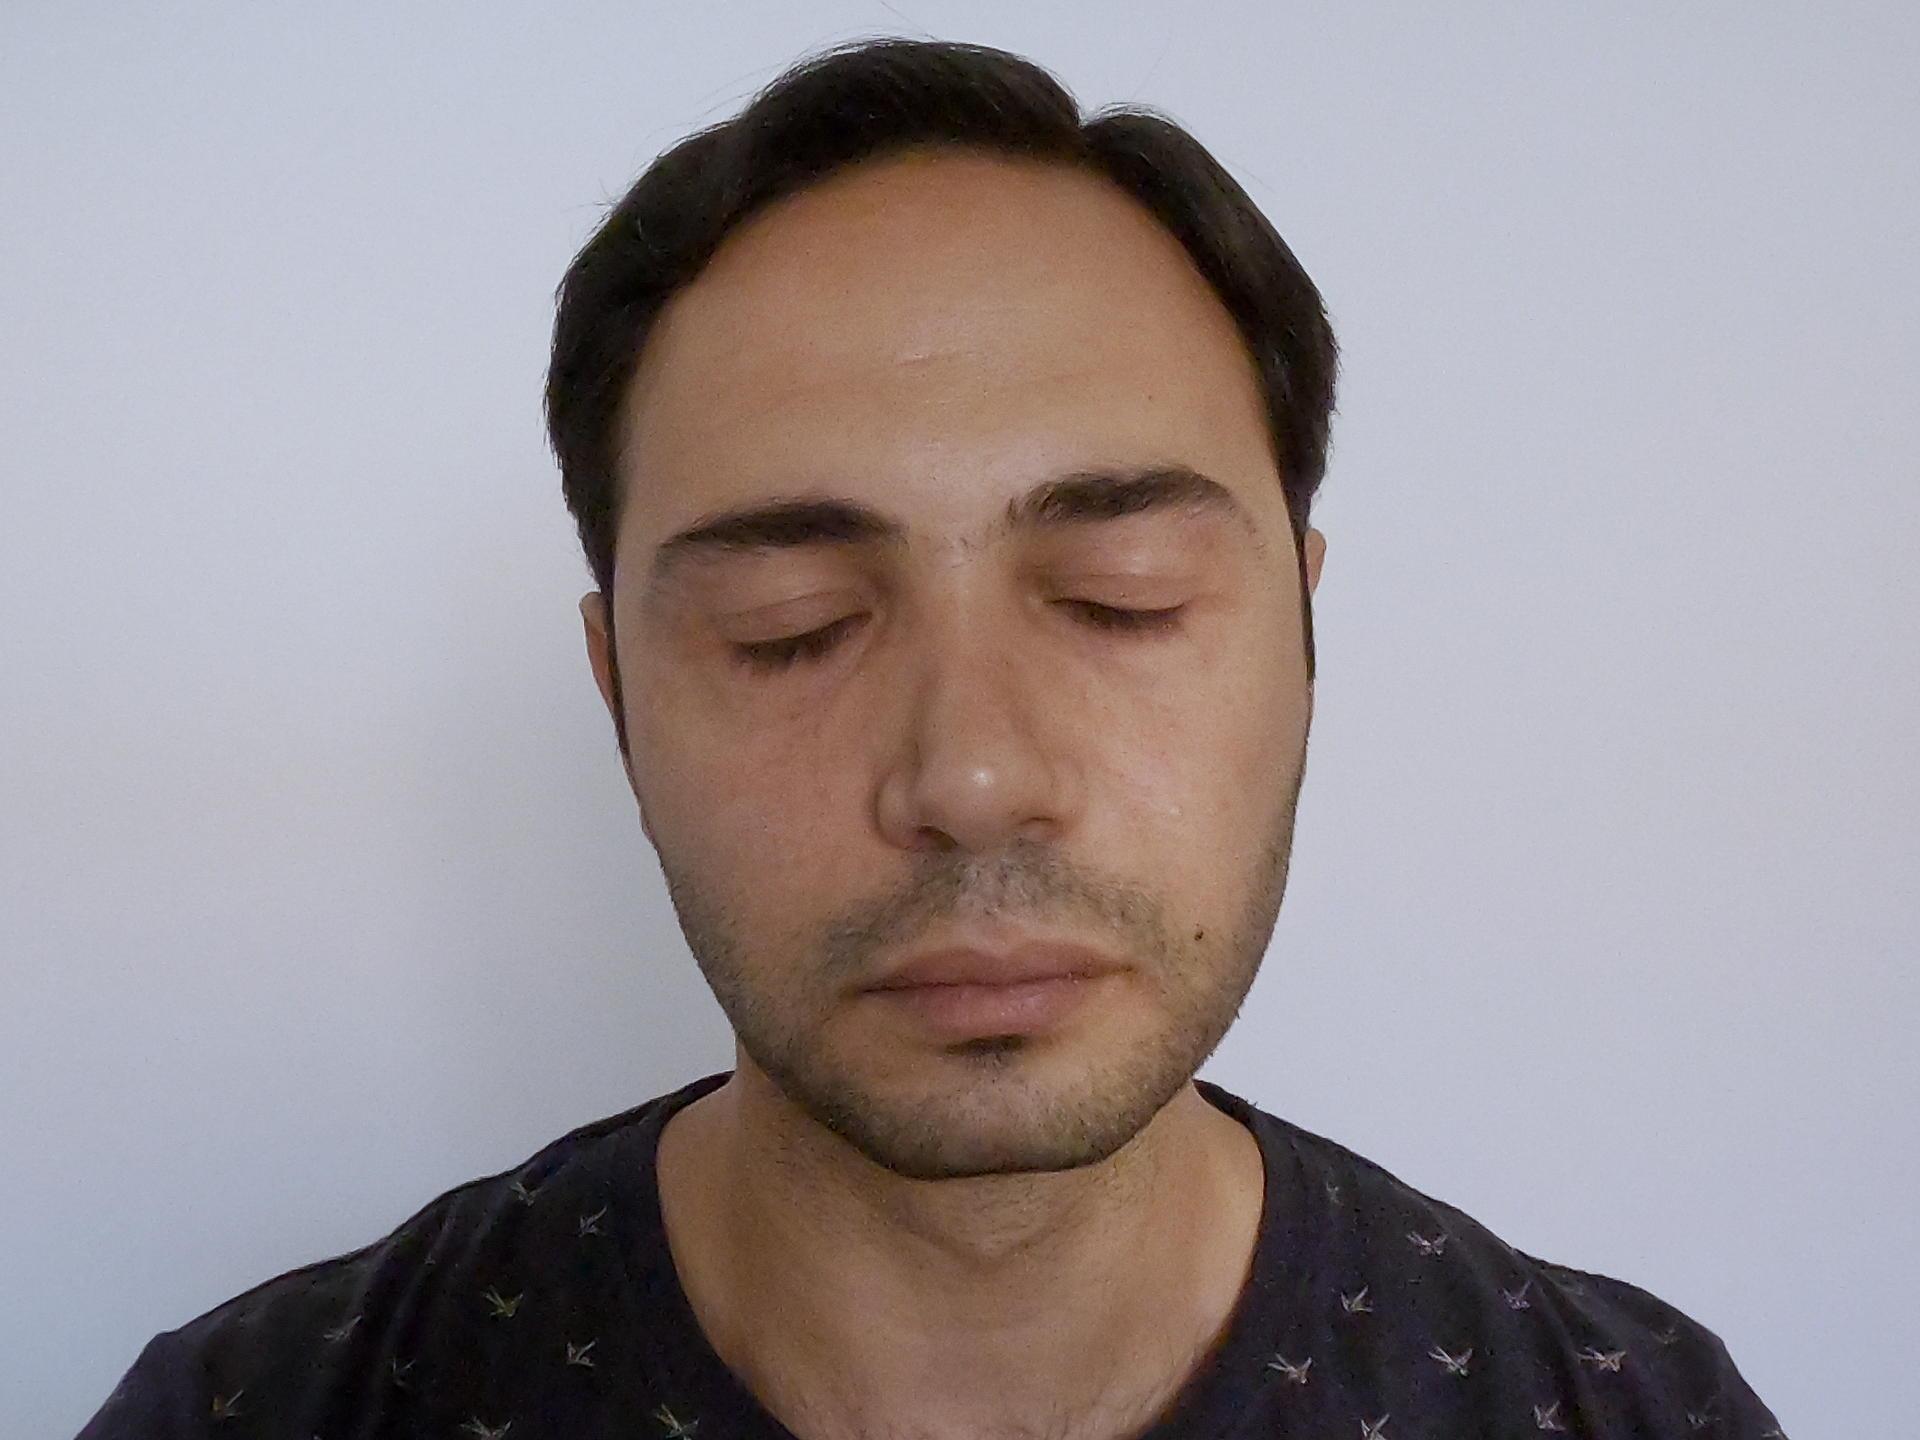 Ahmad Kiki